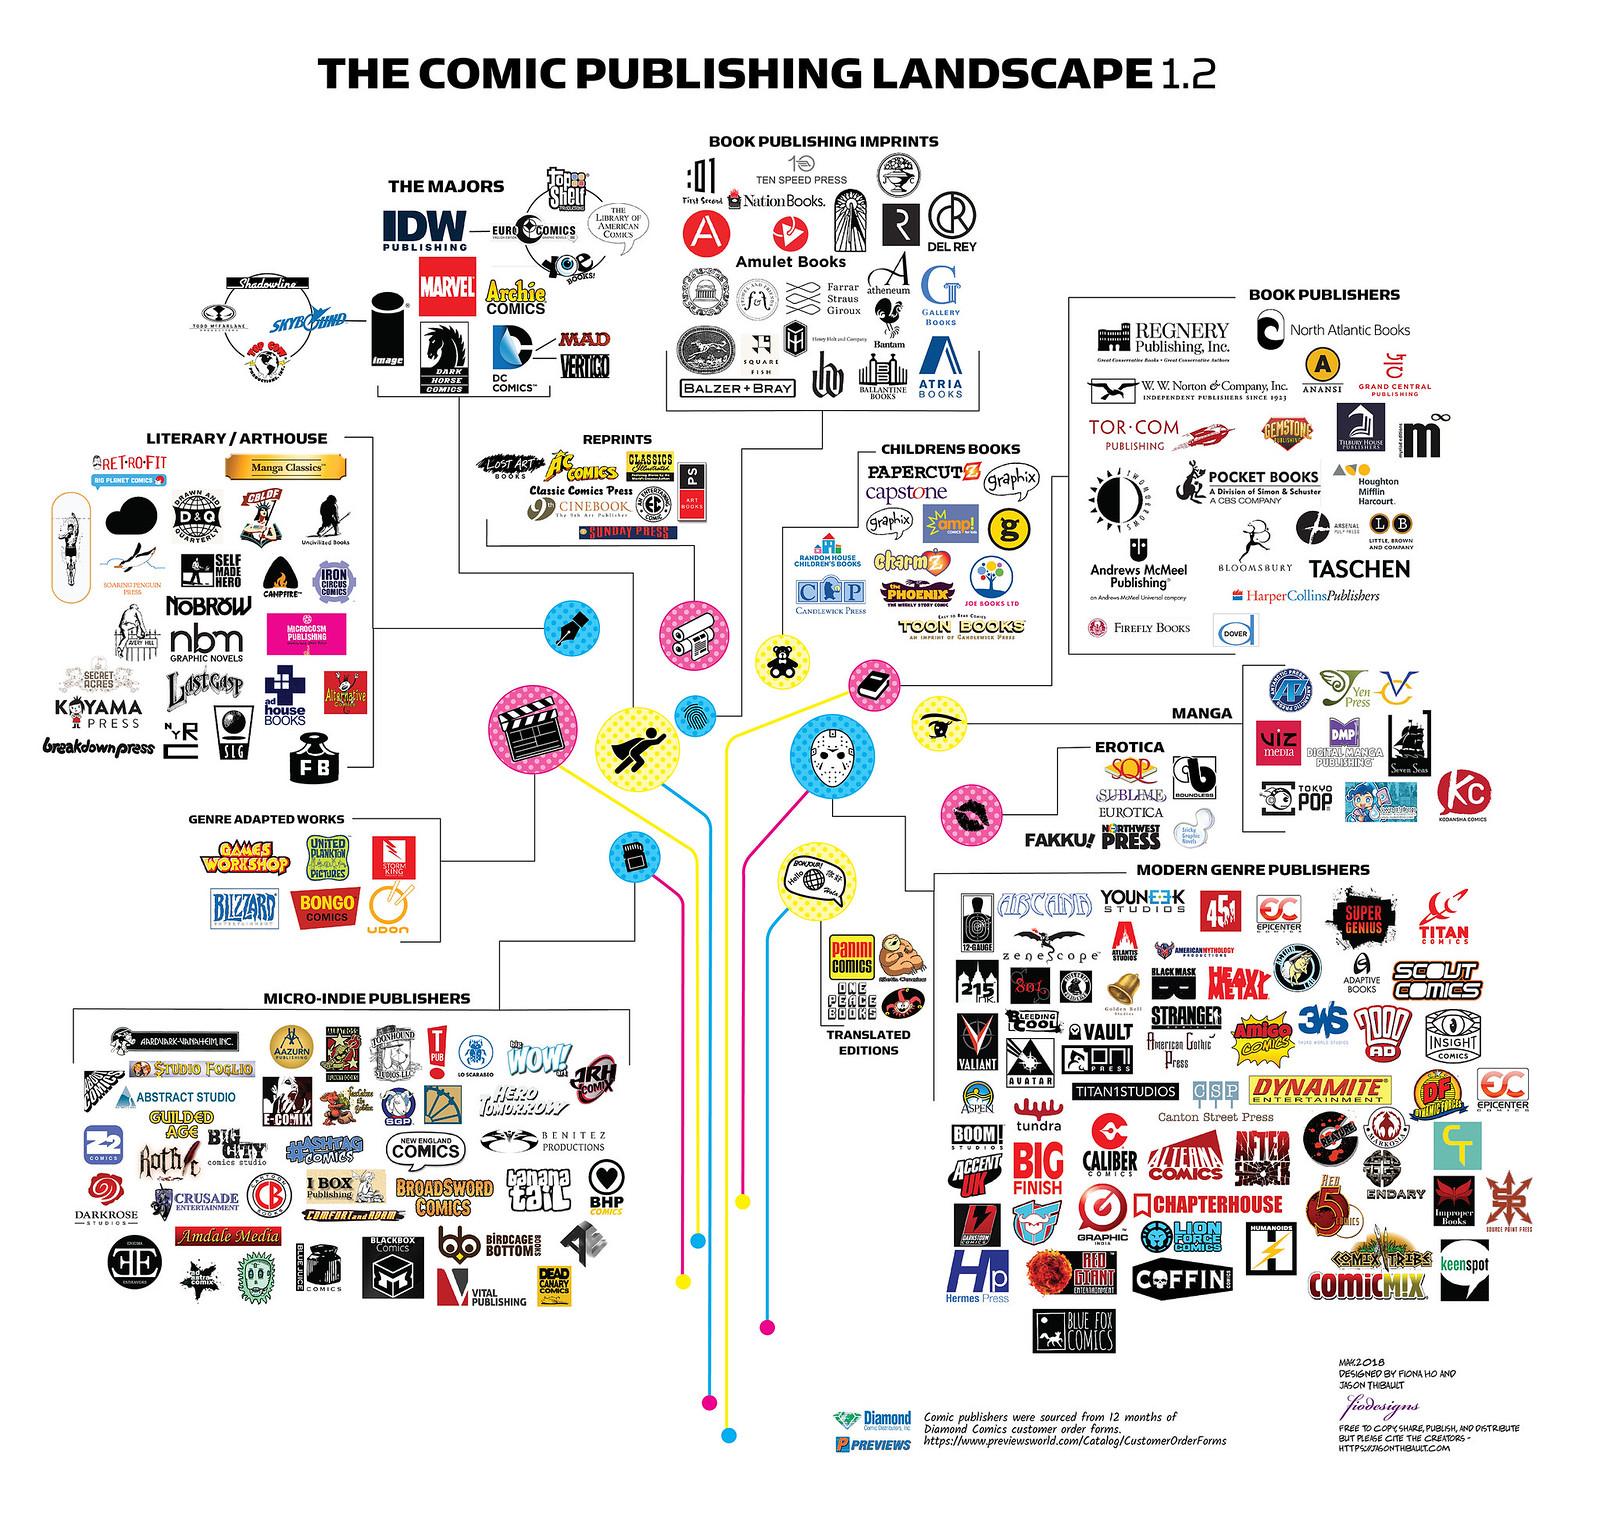 The Comic Publishing Landscape v1.2